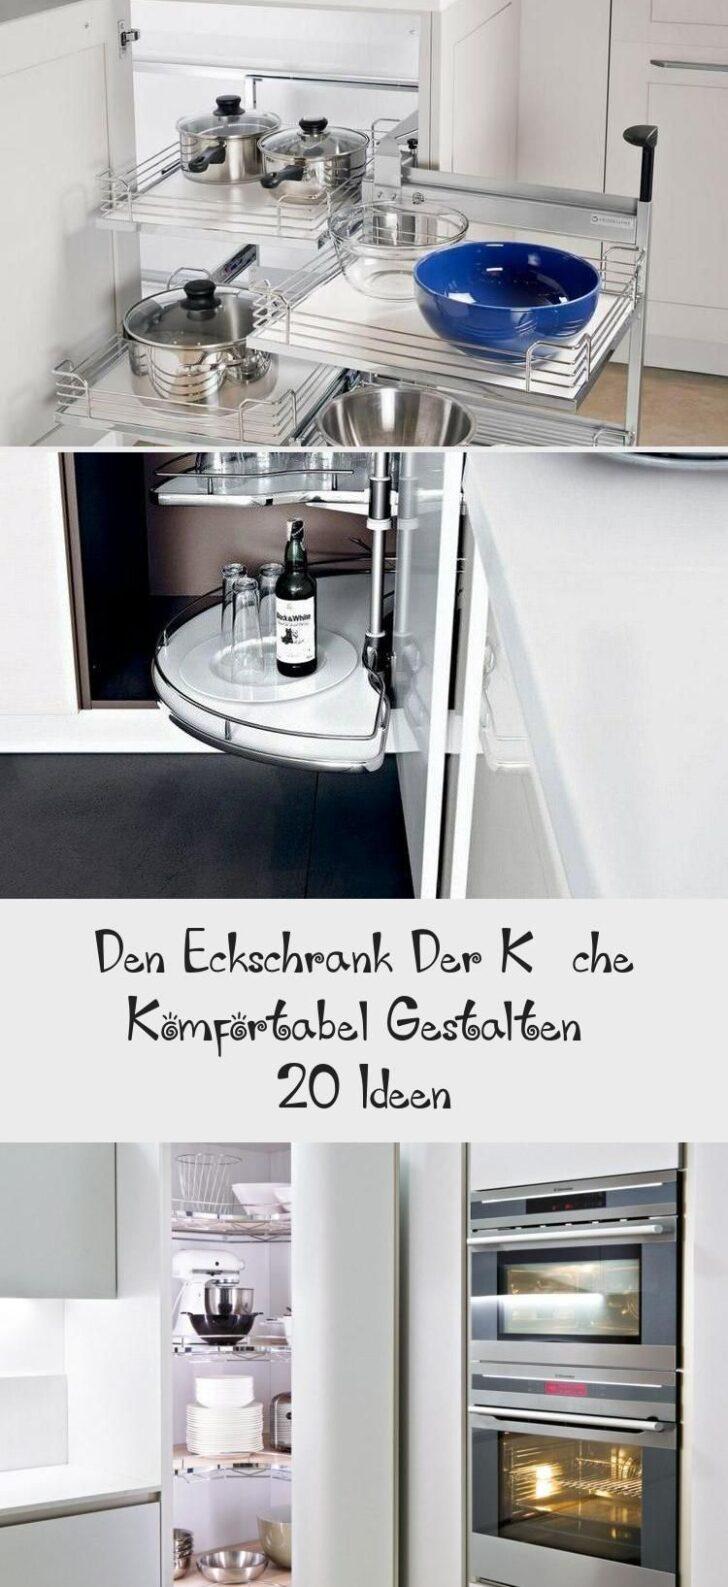 Medium Size of Den Eckschrank Der Kche Komfortabel Gestalten 20 Ideen Schlafzimmer Küche Küchen Regal Bad Wohnzimmer Küchen Eckschrank Rondell